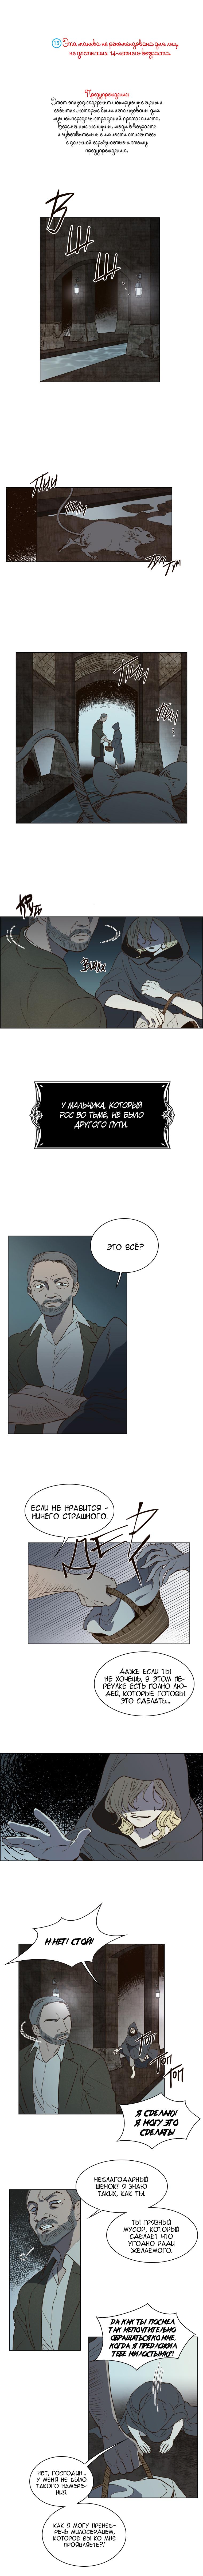 https://r2.ninemanga.com/comics/pic5/13/37901/1436686/1563272698241.png Page 1